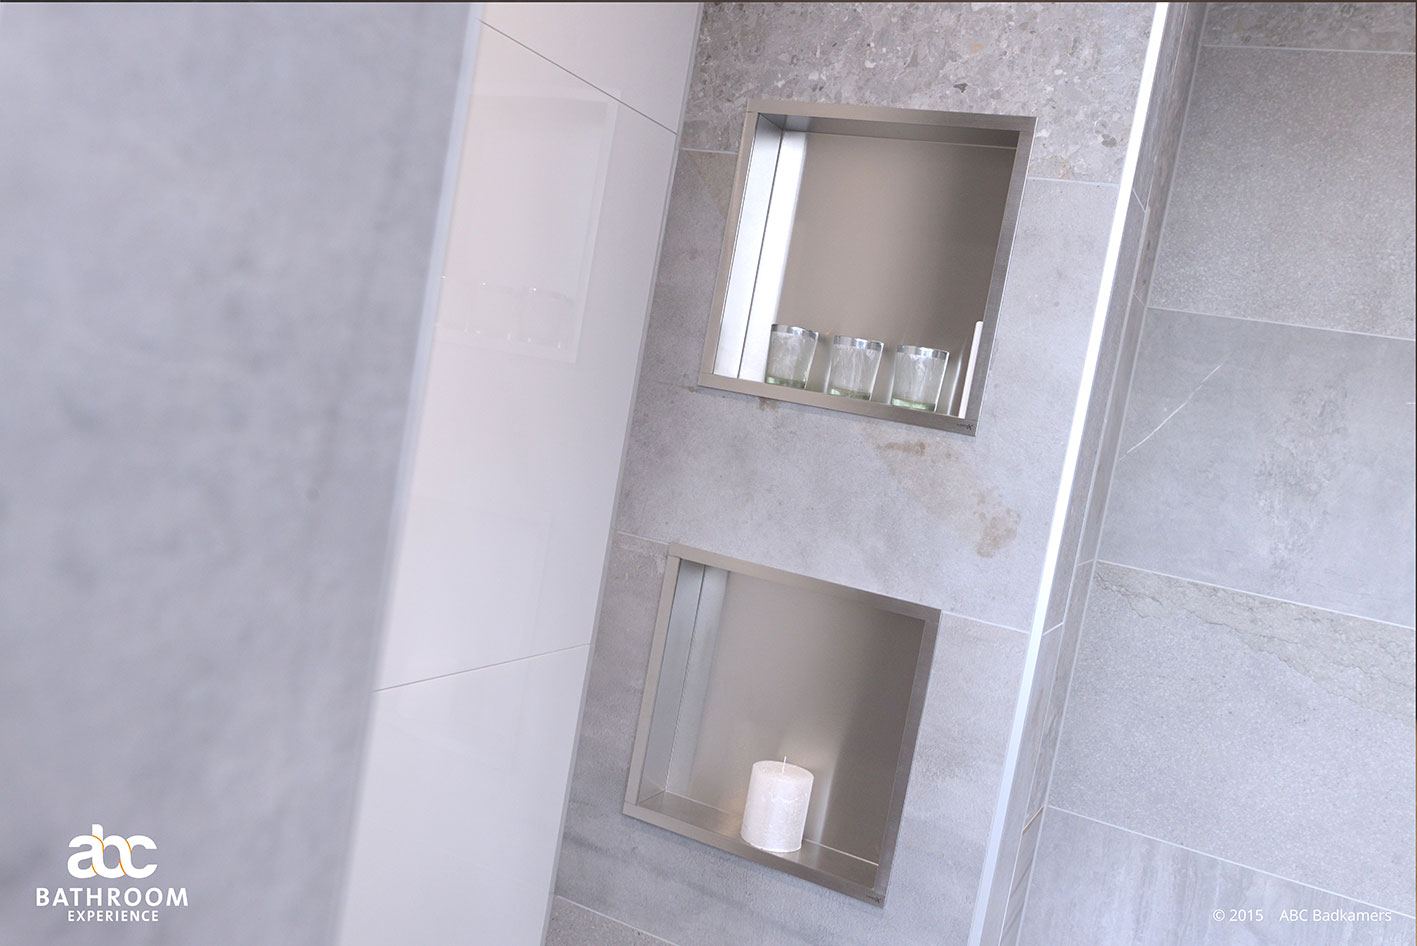 20170316 205104 nieuwe badkamer deventer - Behang in de badkamer ...